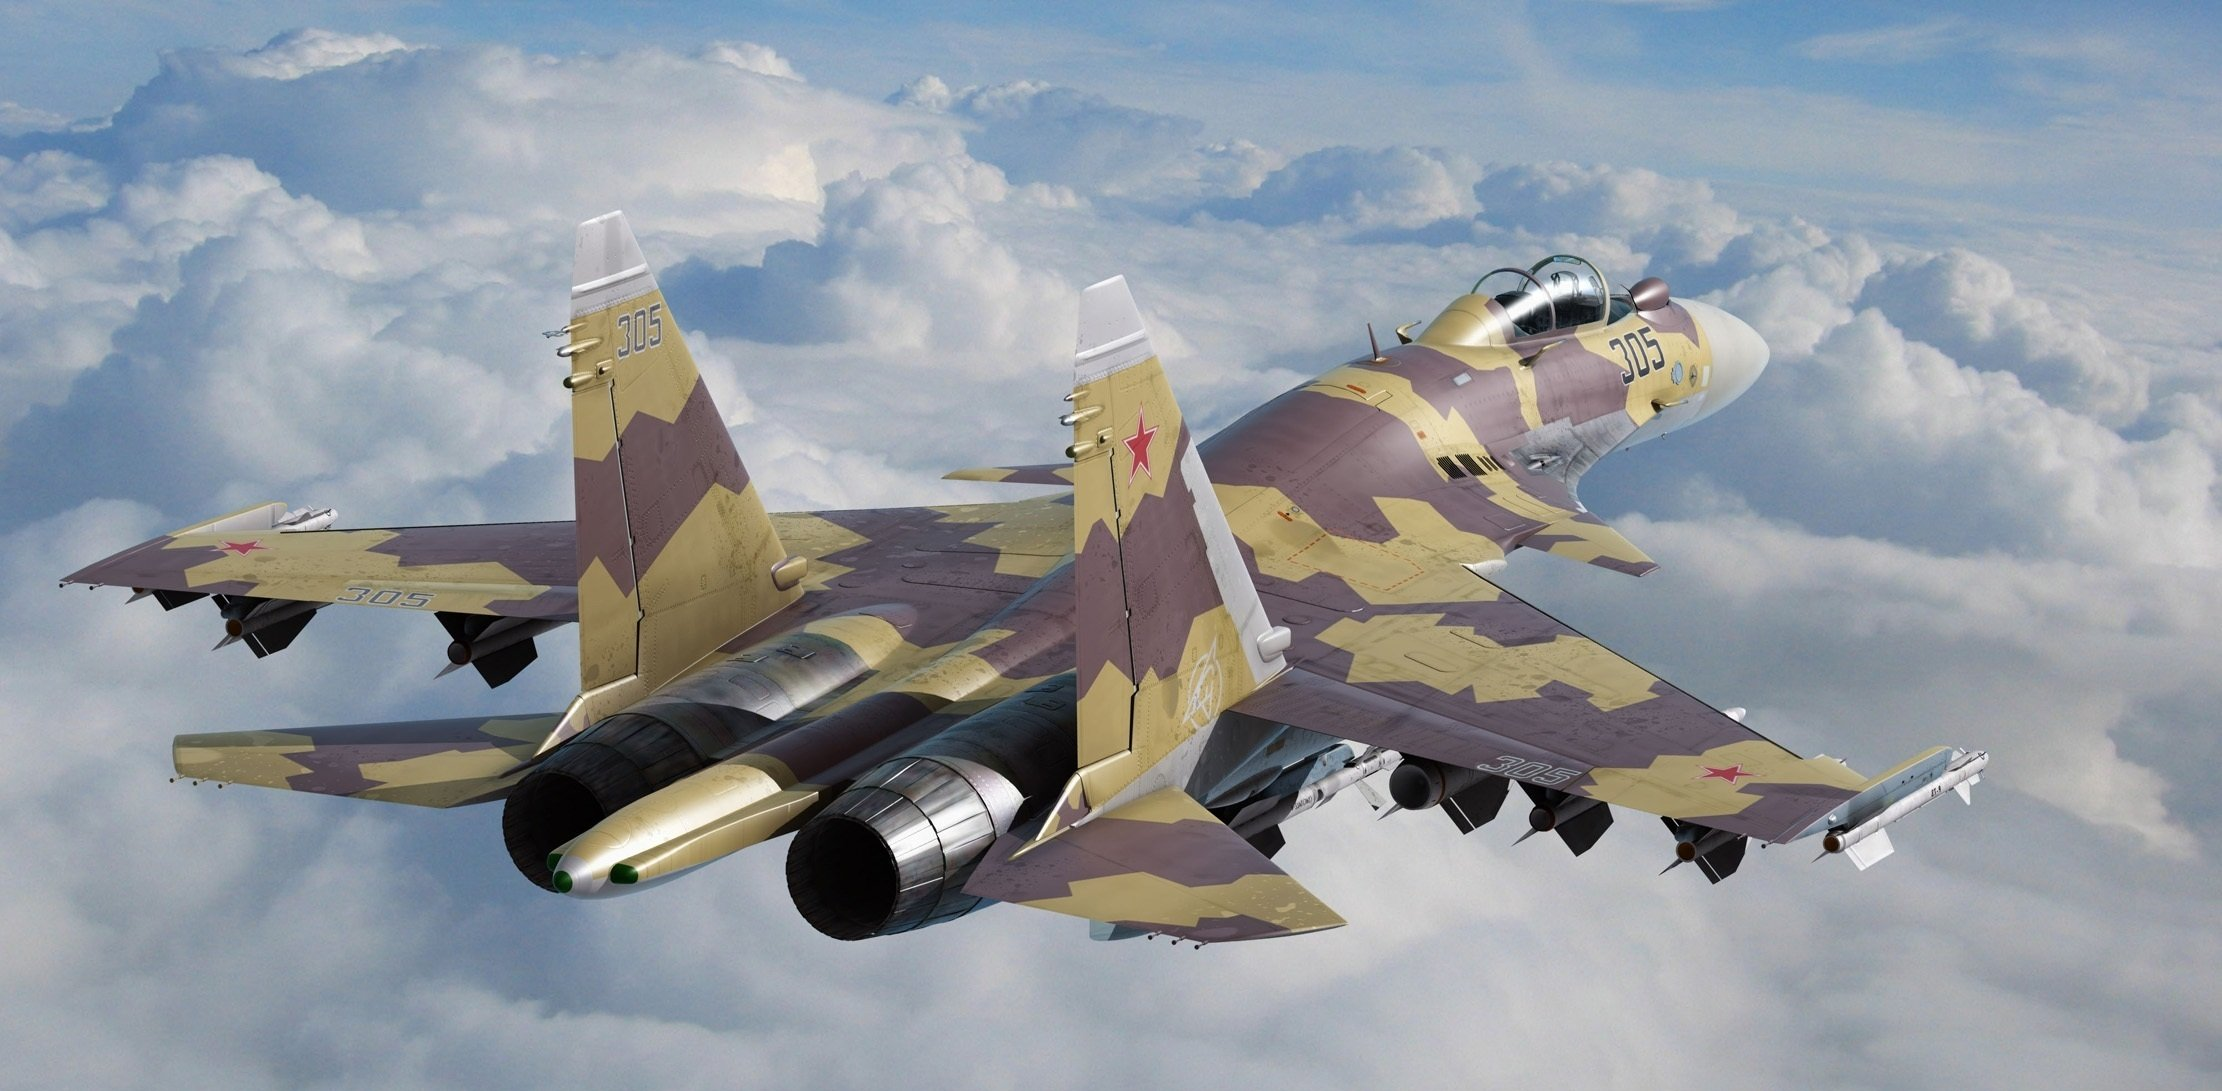 обои на телефон самолеты россии нужно было